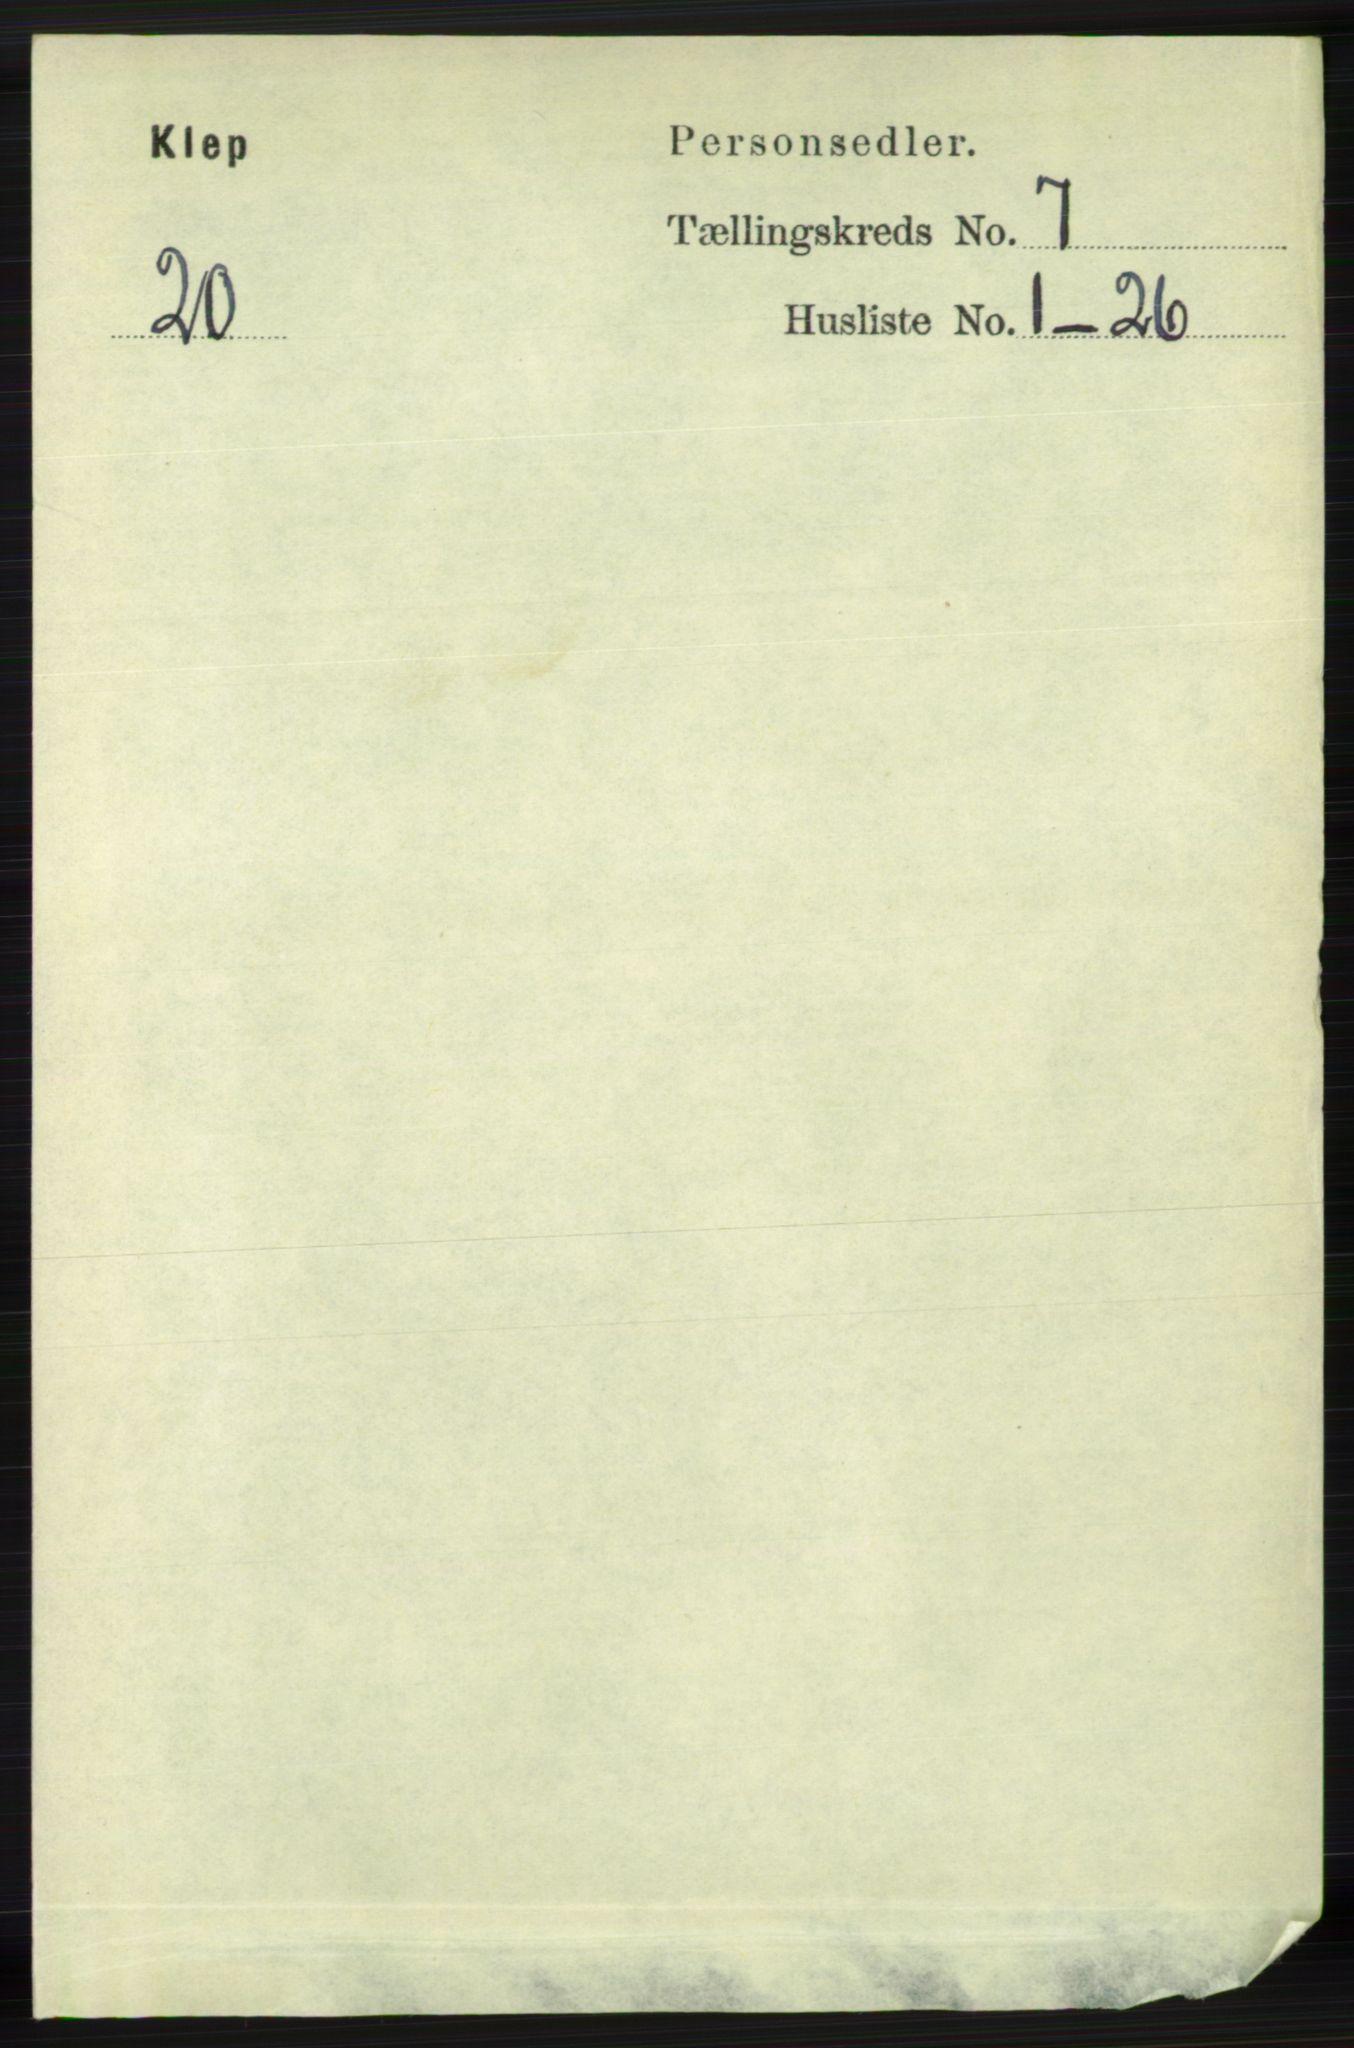 RA, Folketelling 1891 for 1120 Klepp herred, 1891, s. 2108